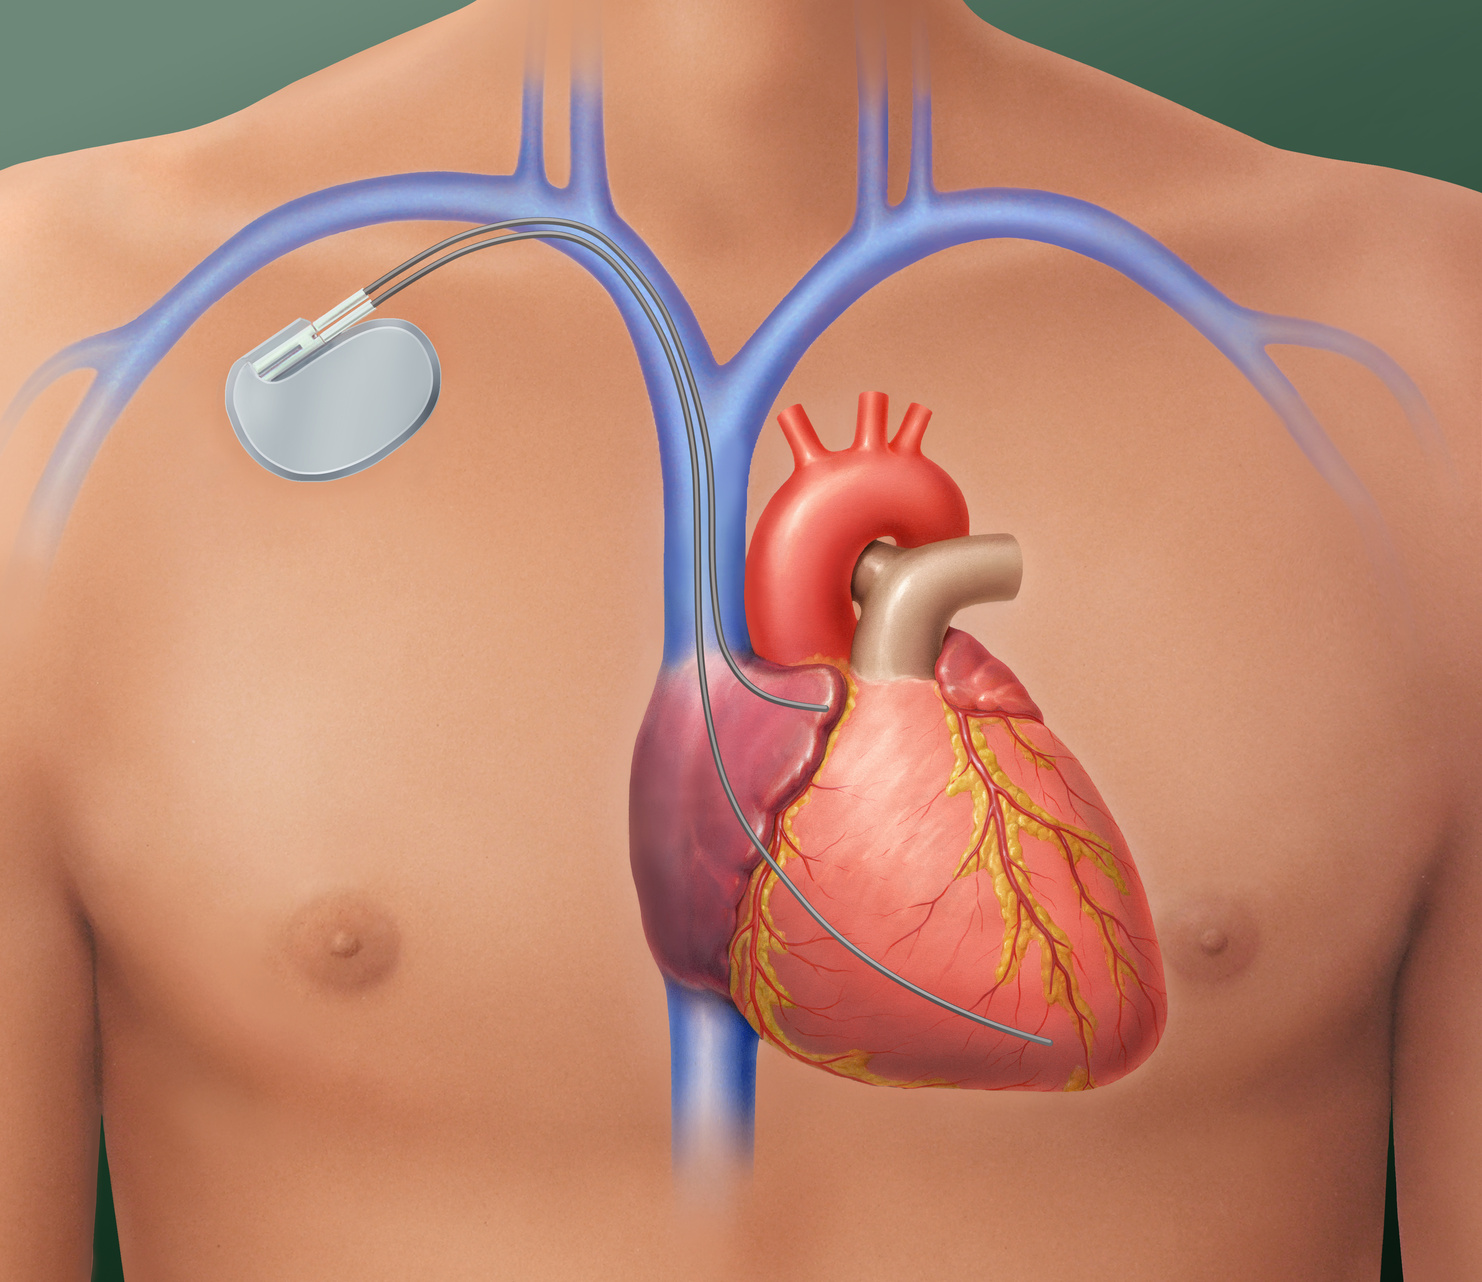 Herzerfrischend Fotolia_37306531_M Behandlung von Herzrhythmusstörungen Diagnose und Therapie  Katheterablation Kardioversion ICD Herzschrittmacher Herzrhythmusstörung Defibrillator